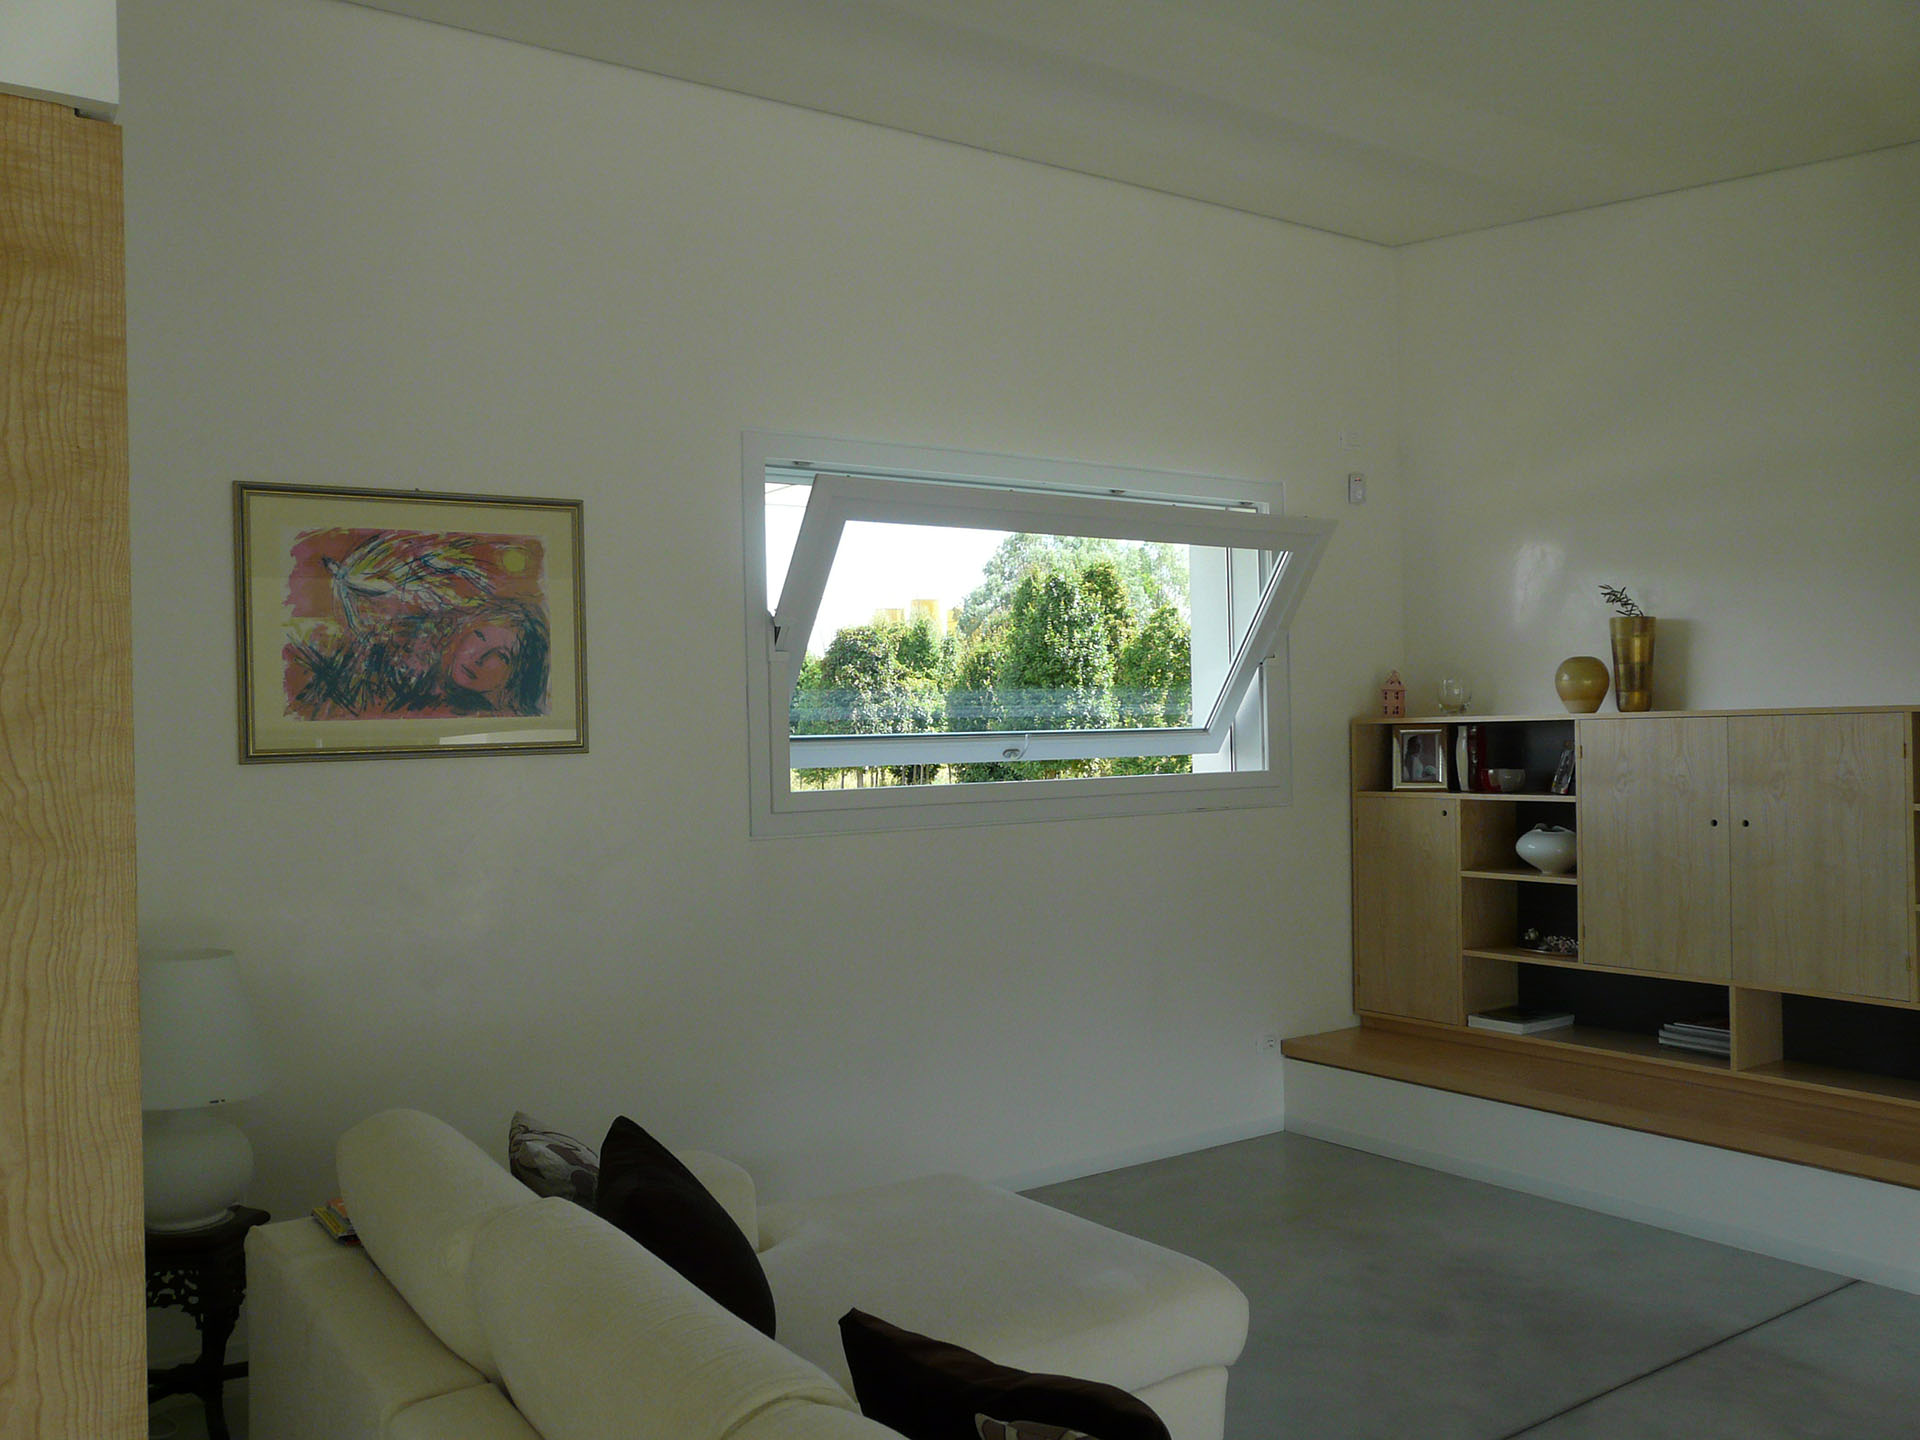 Finestre e porte finestre realizziamo finestre in pvc alluminio e legno - Ristrutturare porte e finestre ...